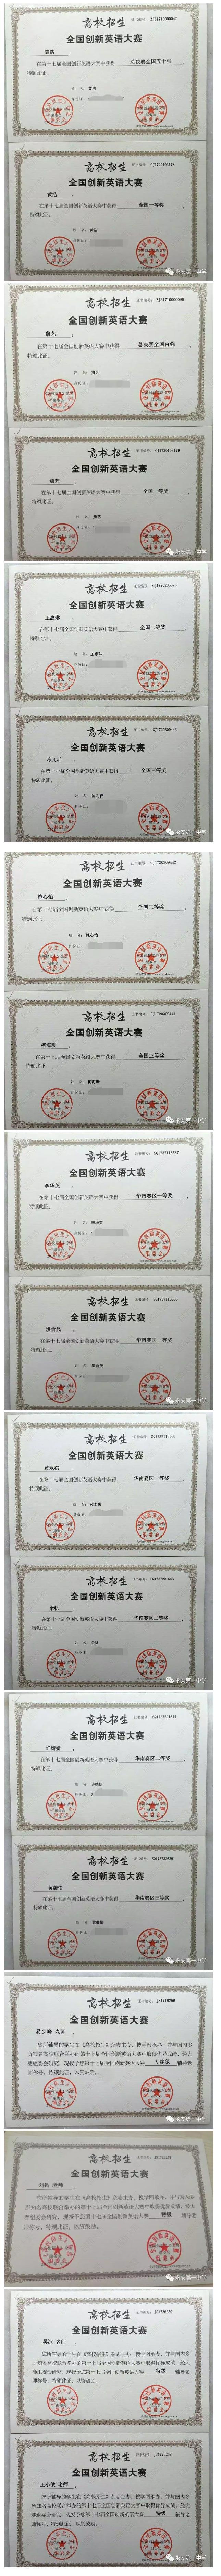 永安一中学生参加第十七届全国创新英语大赛创佳绩